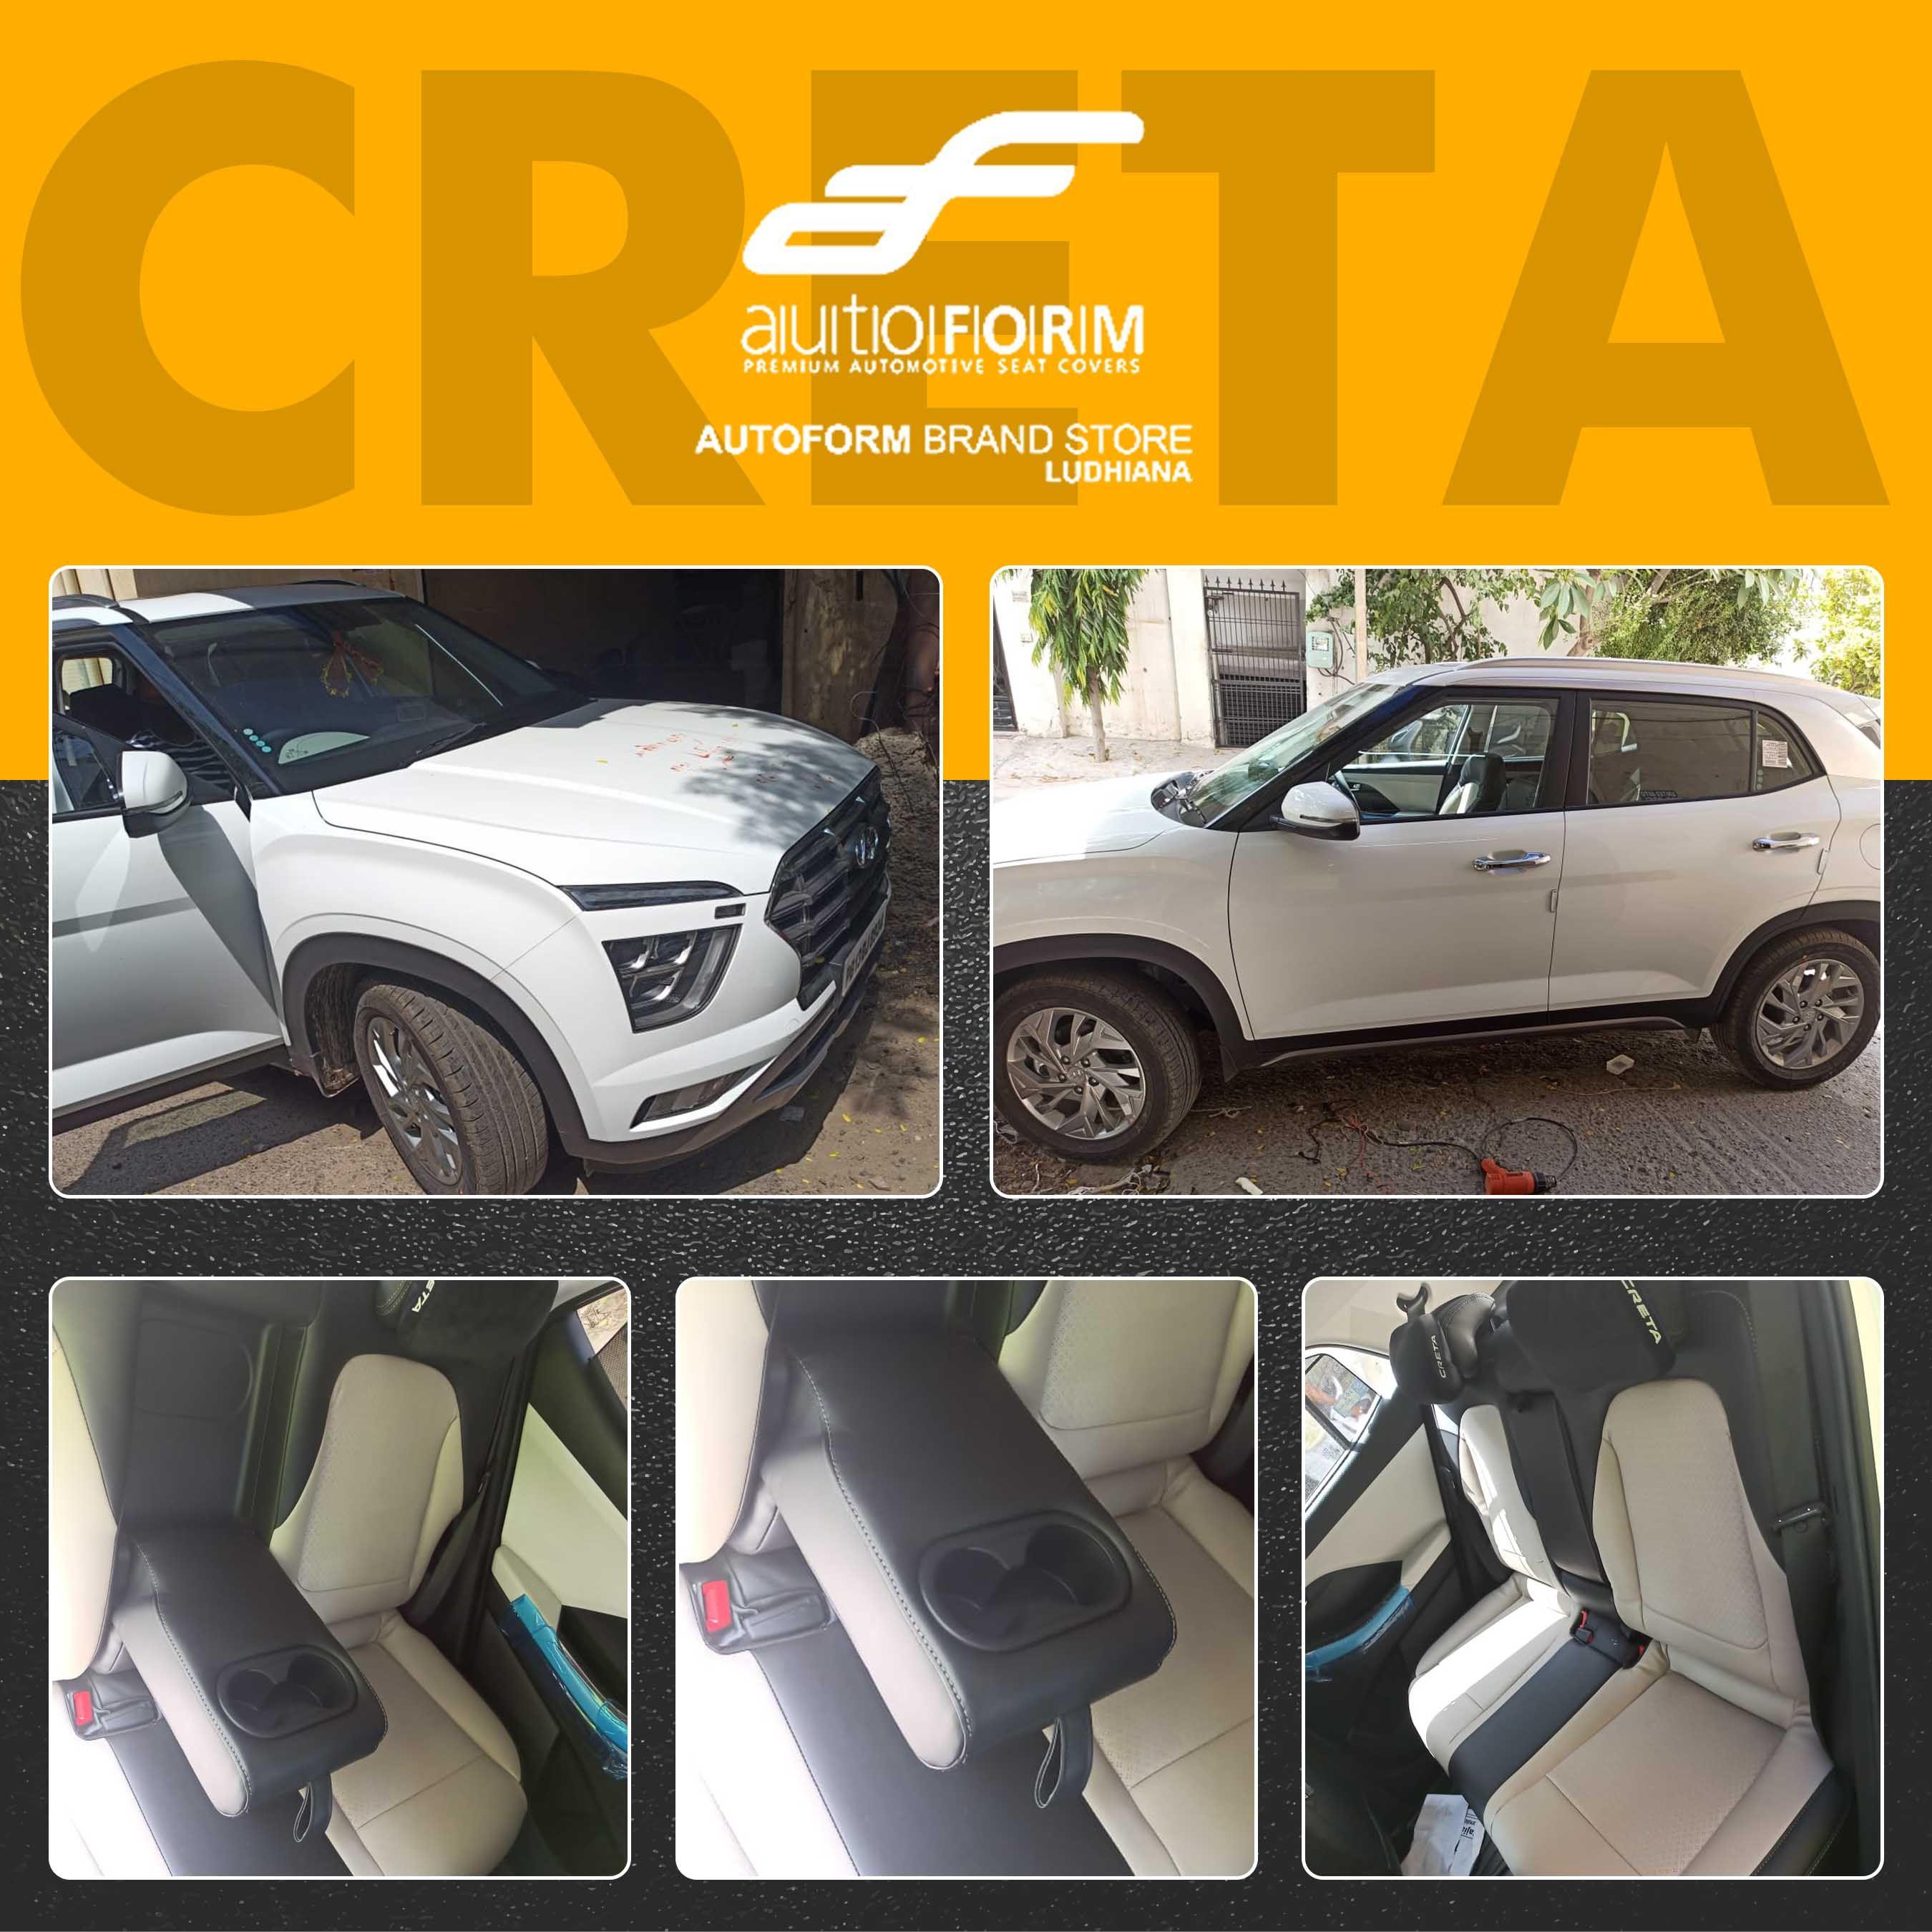 New Hyundai Creta 2020 Interior Seat Covers In 2020 New Hyundai Brand Store Hyundai